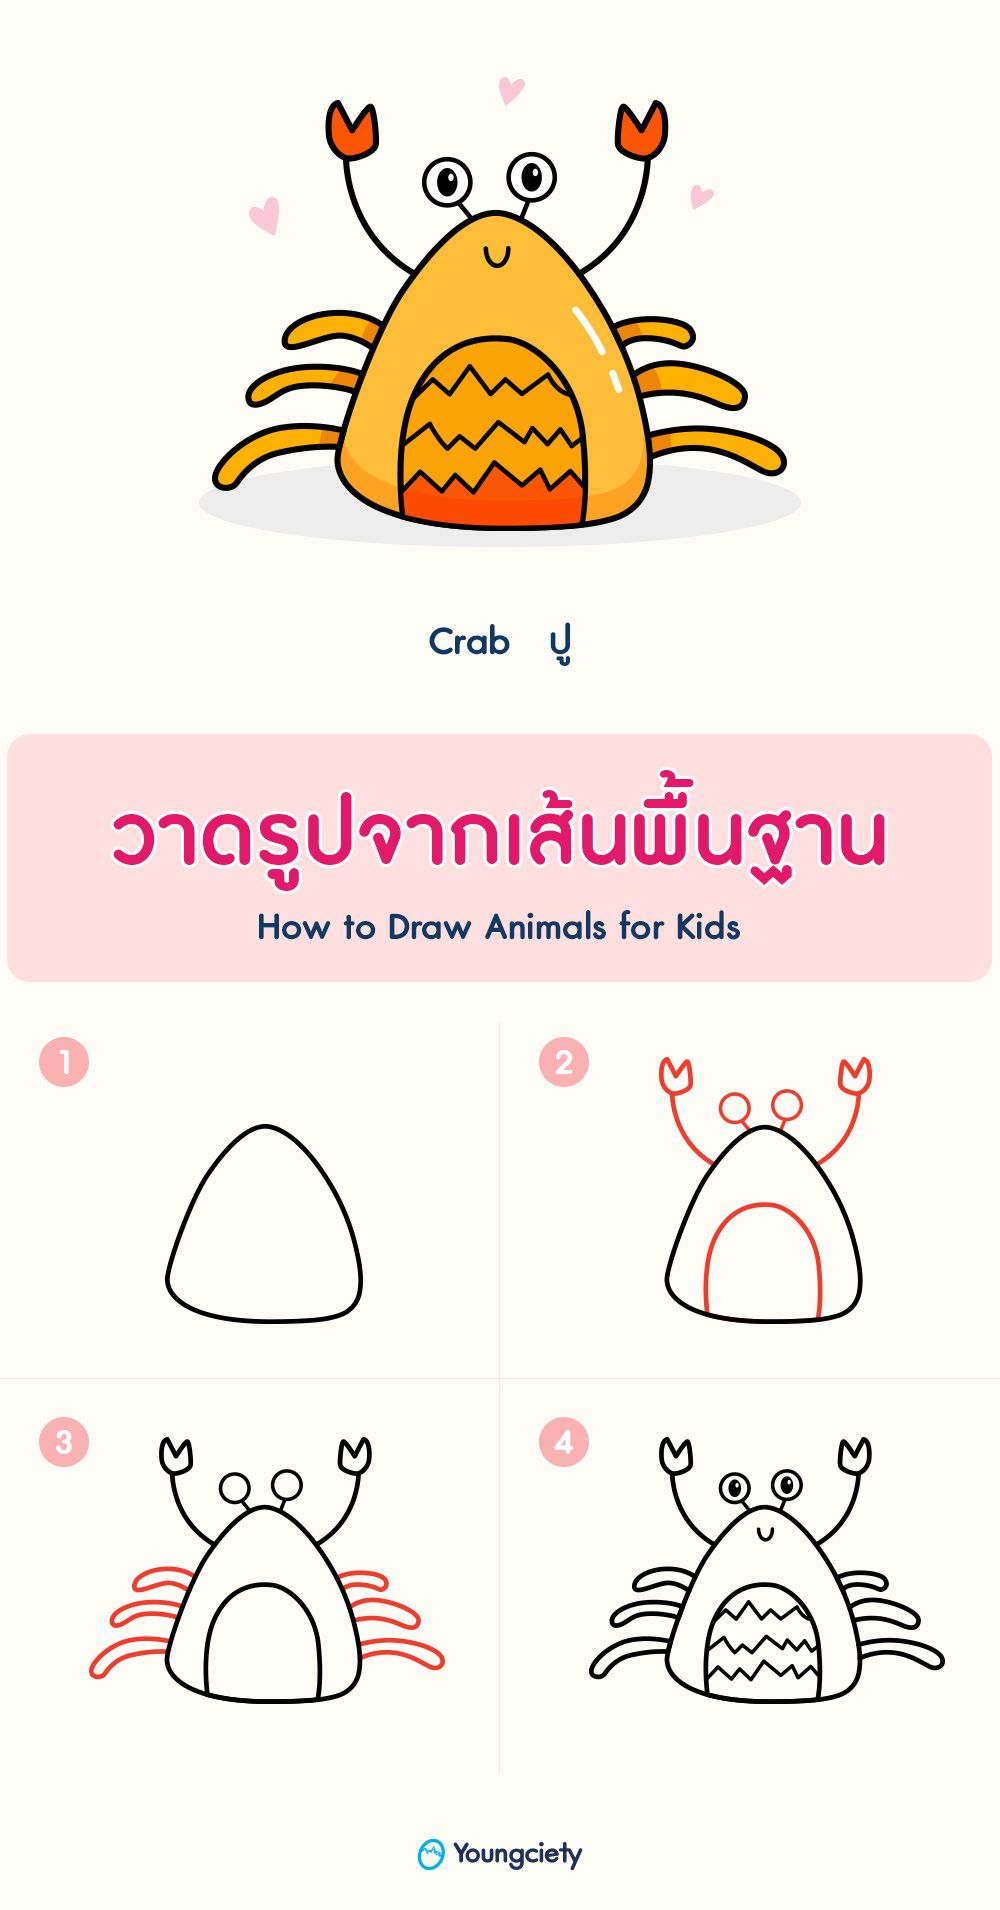 สอนวาดร ปป ง าย ๆ How To Draw A Crab ภาพวาดส ตว ส น ข สอนวาดร ป